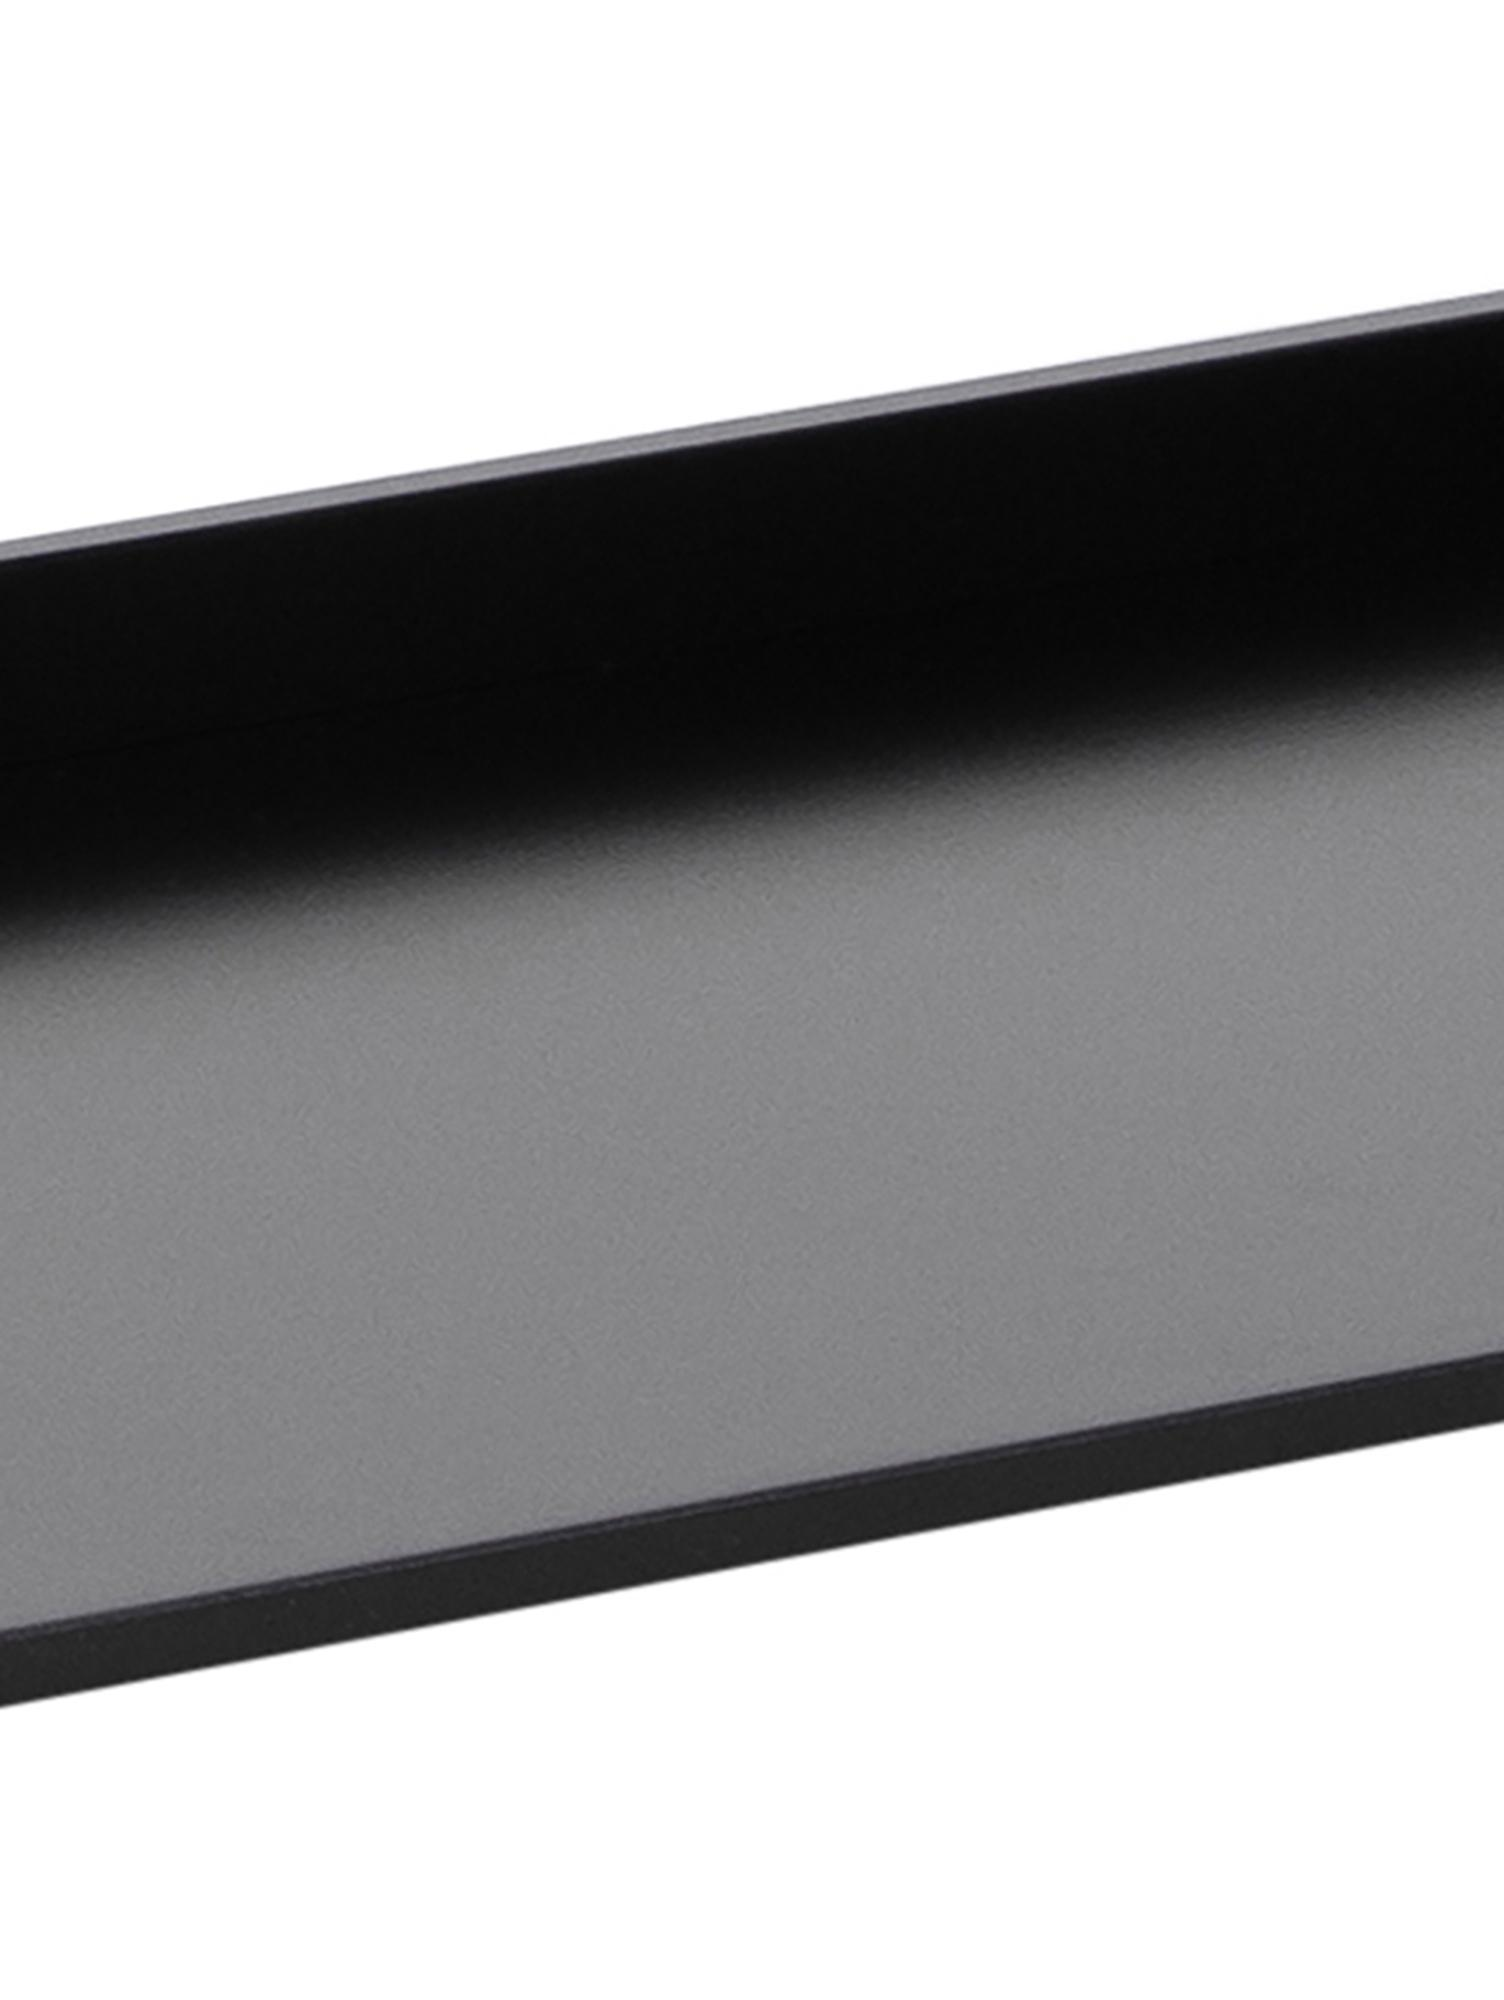 Standregal Wally in Schwarz, Mitteldichte Holzfaserplatte (MDF), lackiert, Schwarz, 63 x 180 cm